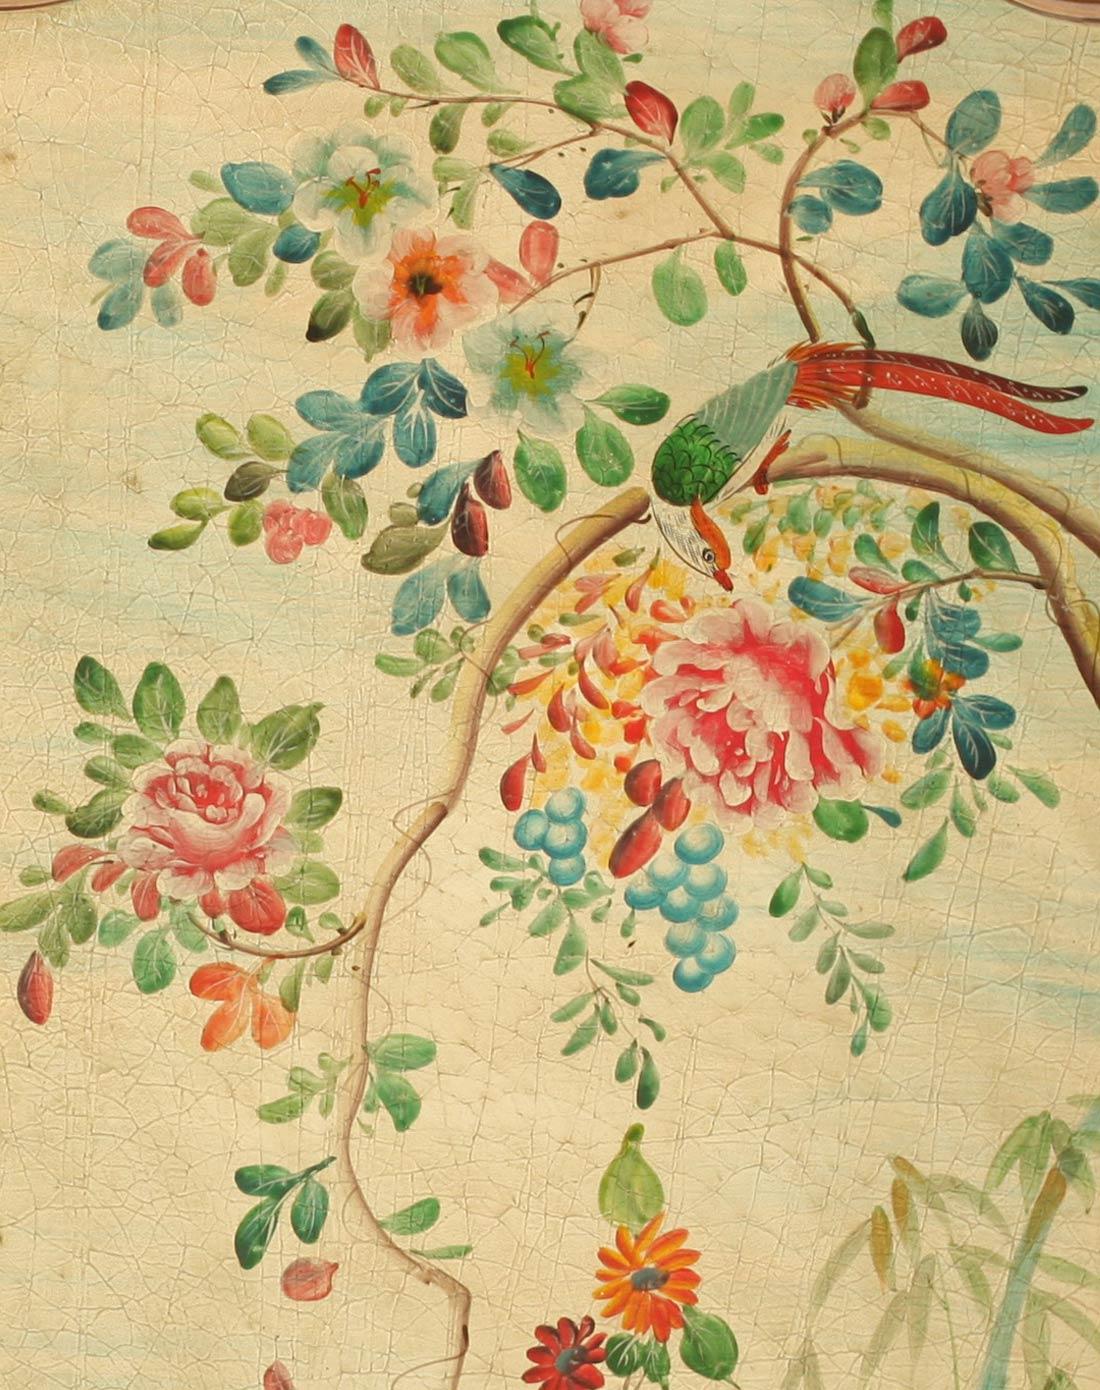 鱼西美屋专场大型欧式花鸟木质装饰画2号yxmwj306图片